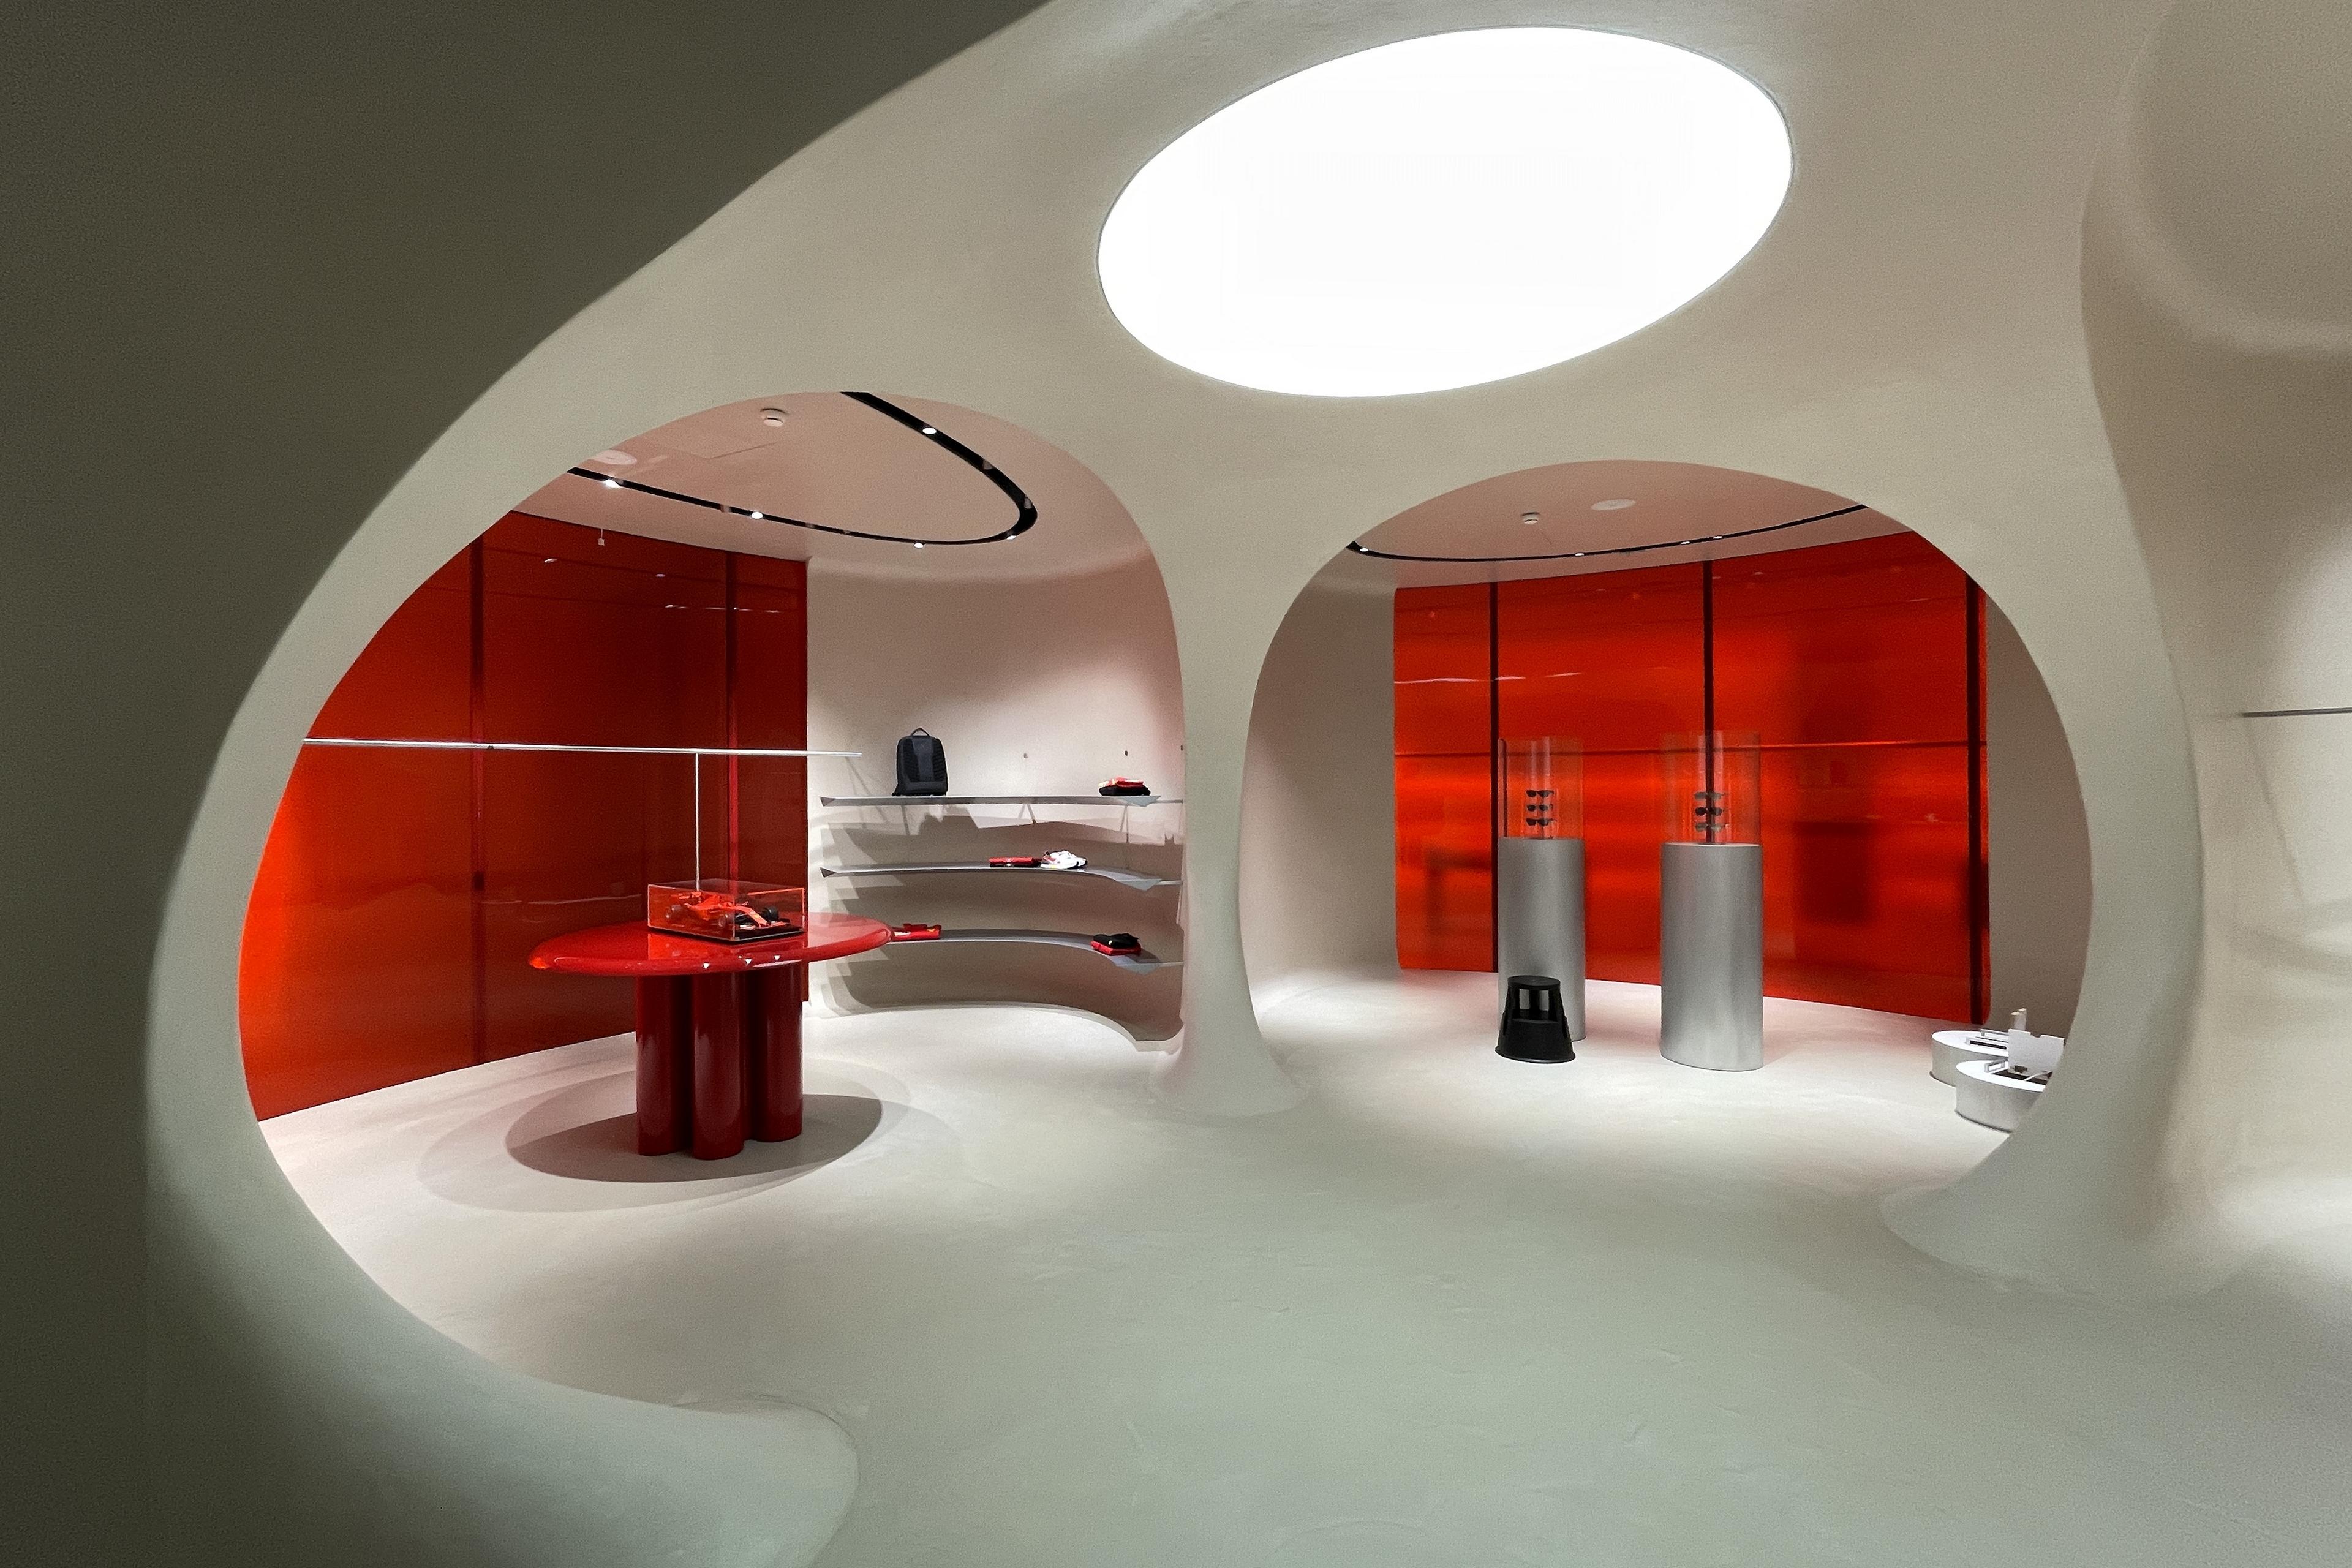 Shop Ferrari Maranello by Sybarite, photo by Matteo Brioni